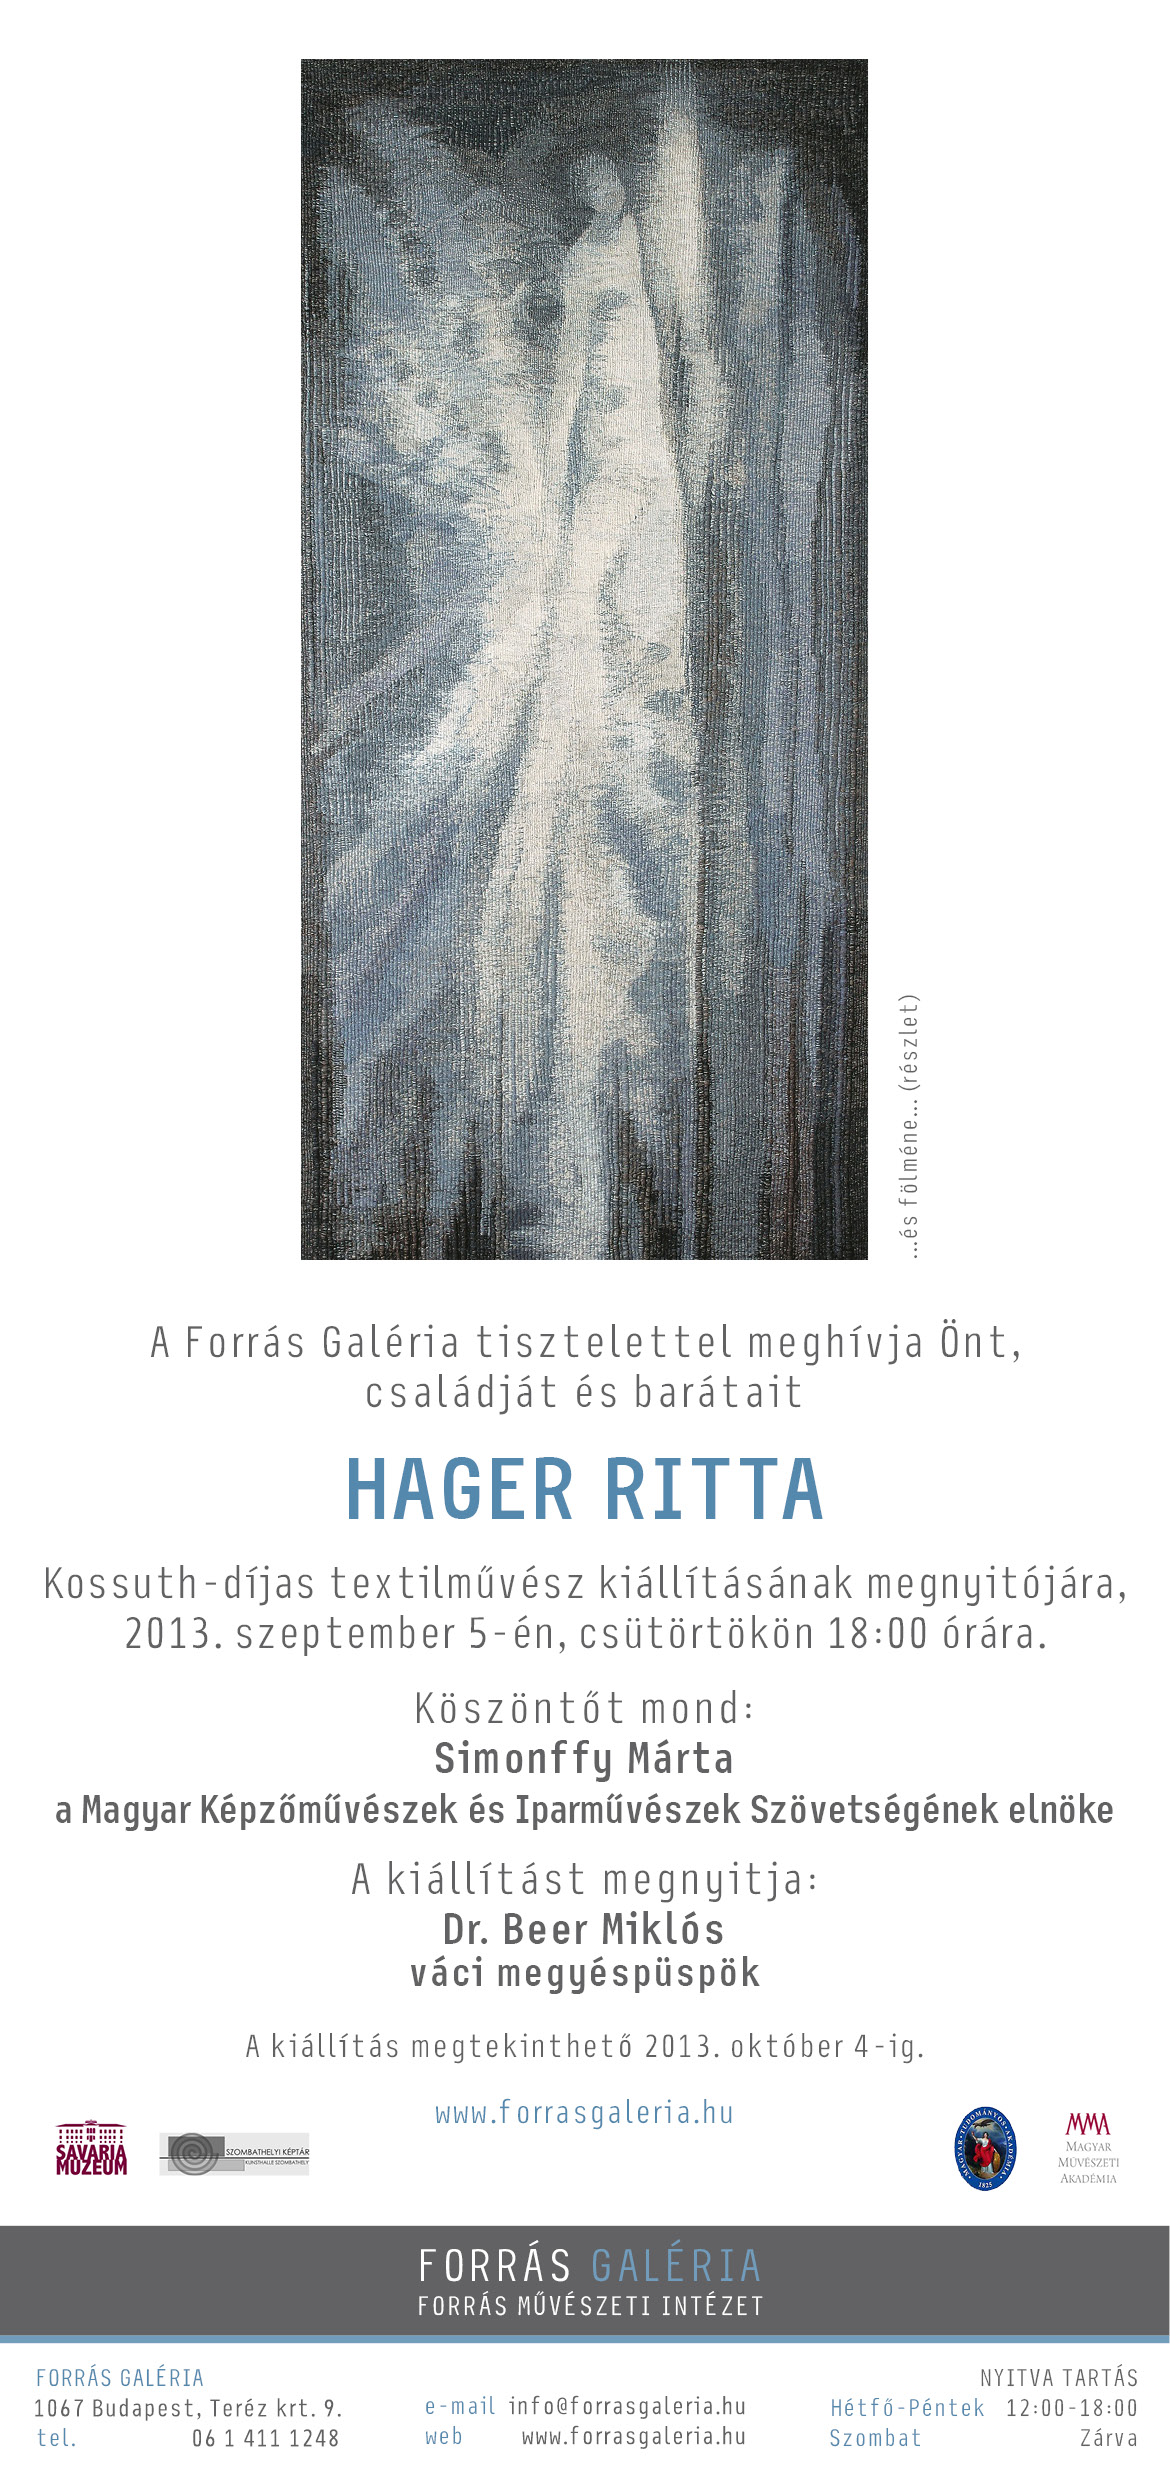 Hager Ritta kiállítása